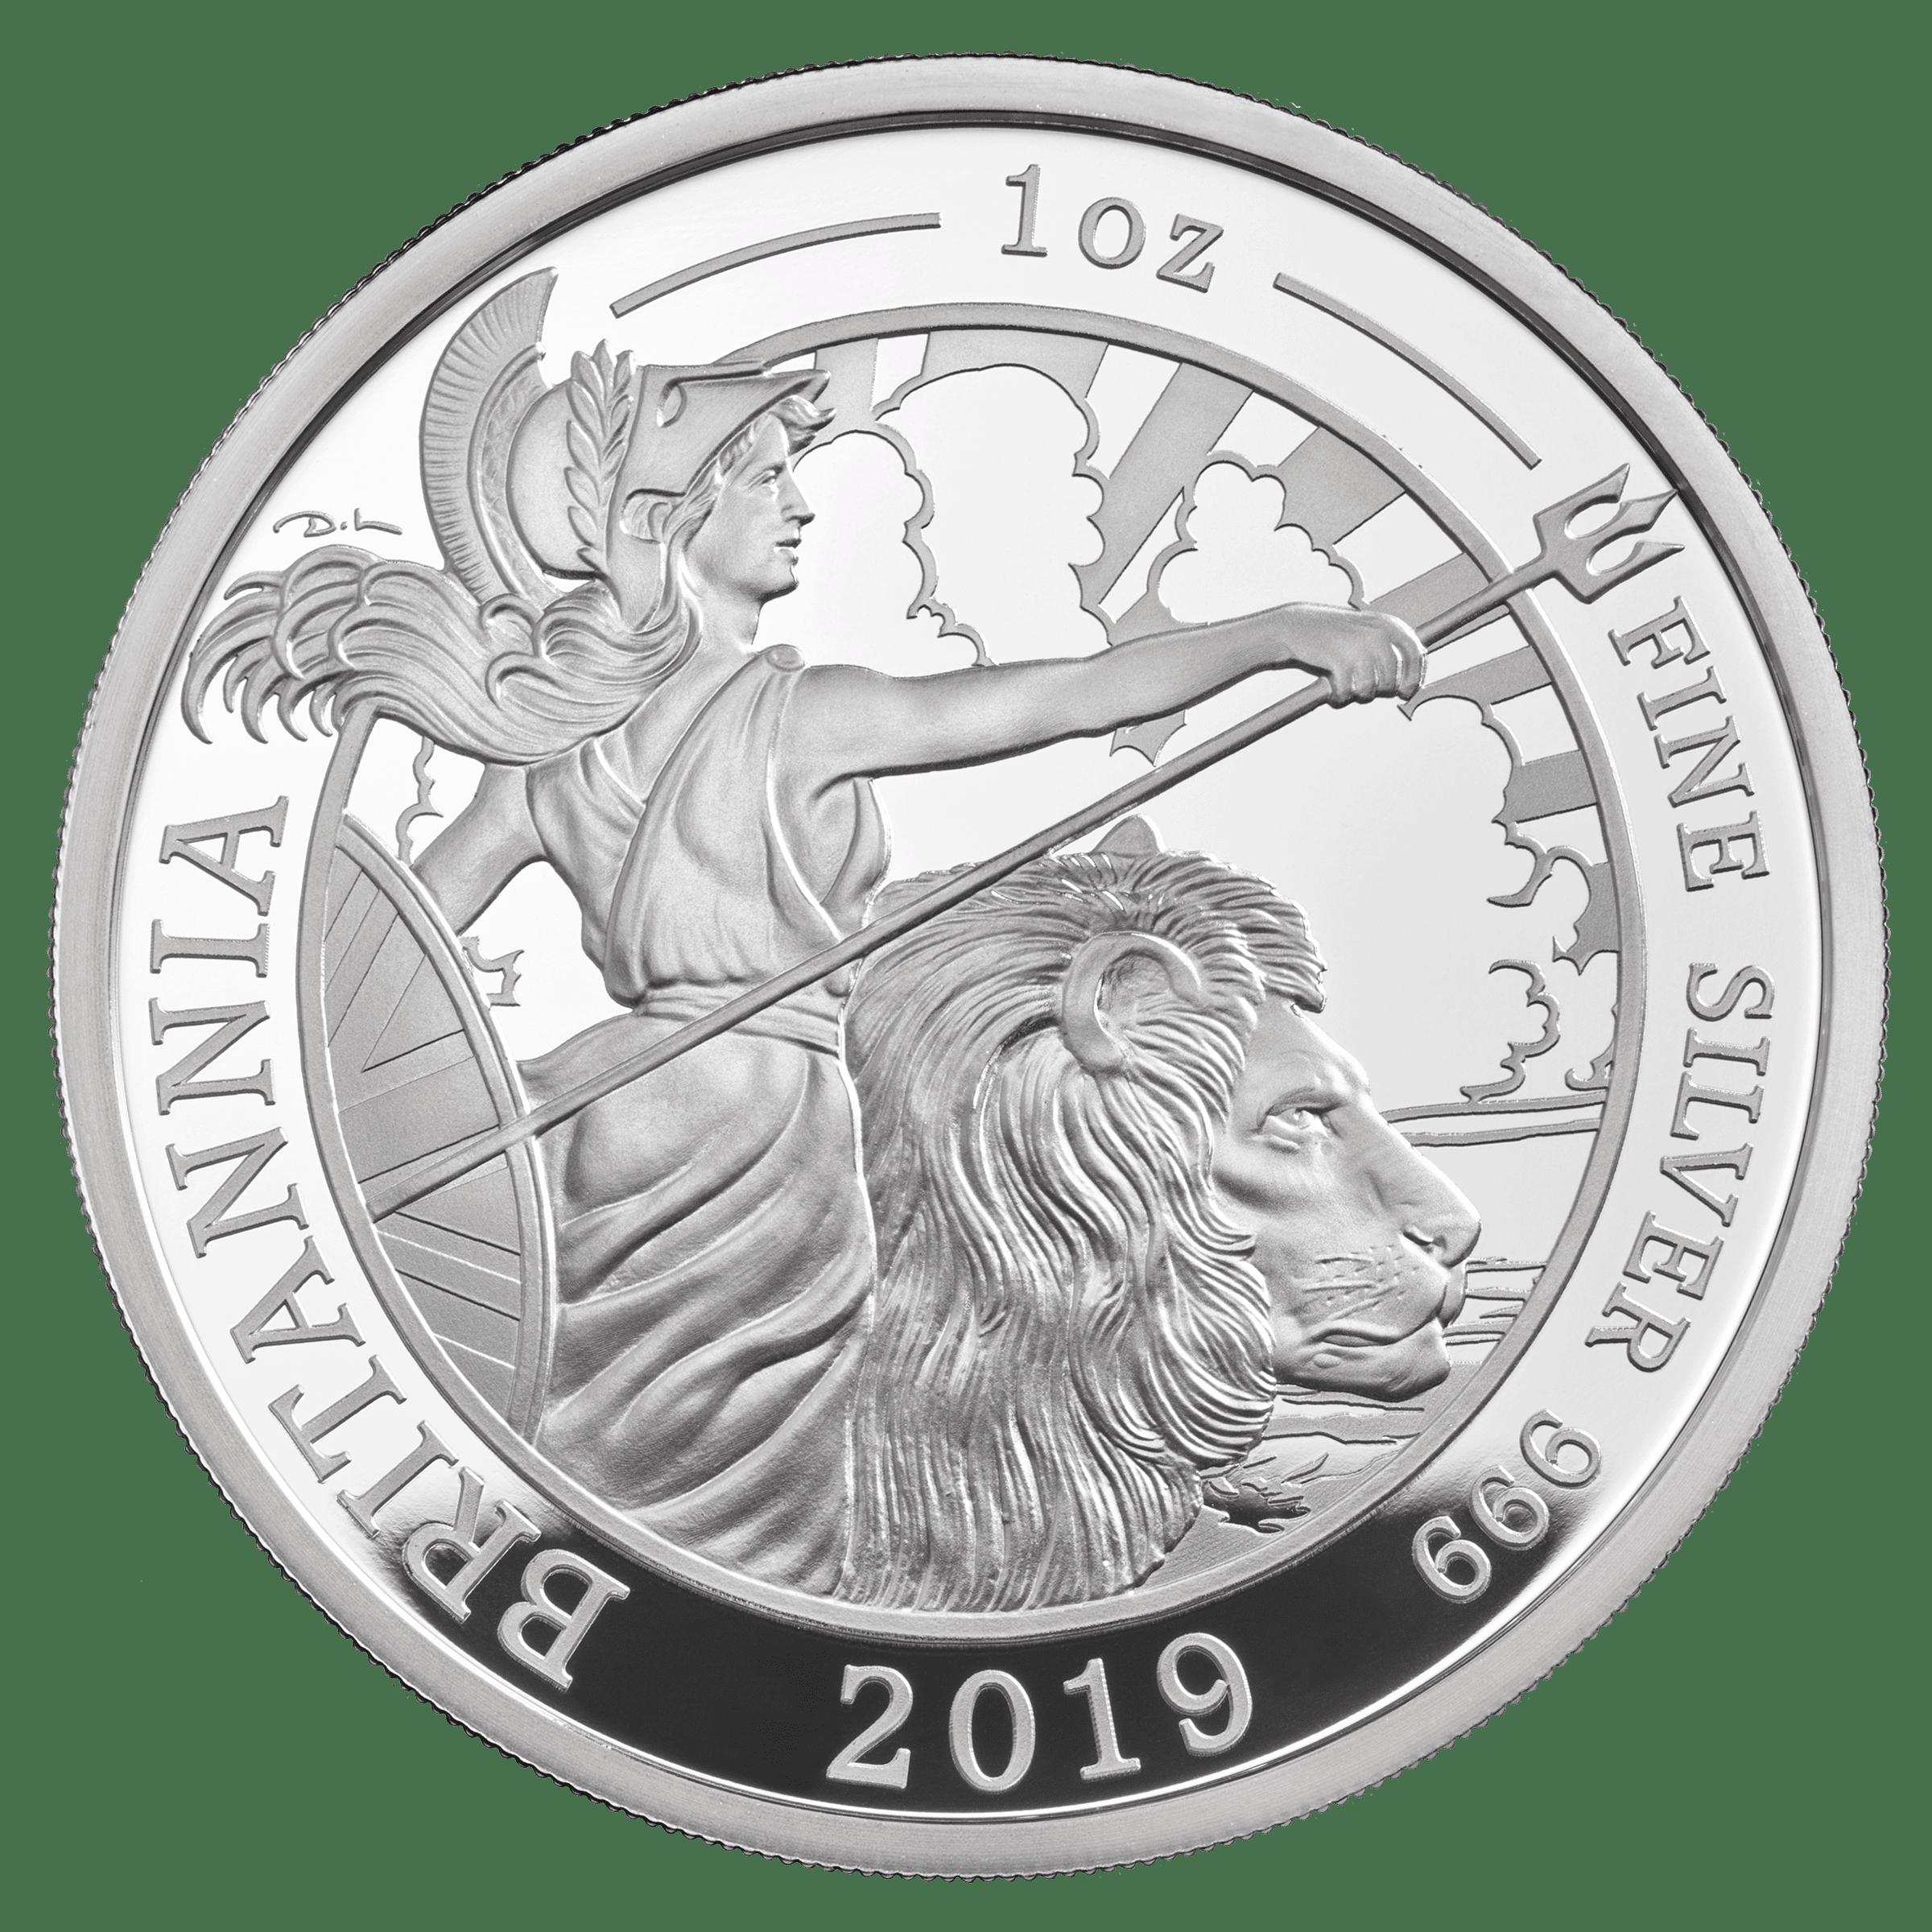 The Britannia 2019 1oz Silver Proof Two Pound 163 2 Coin Box Coa The Coin Connection